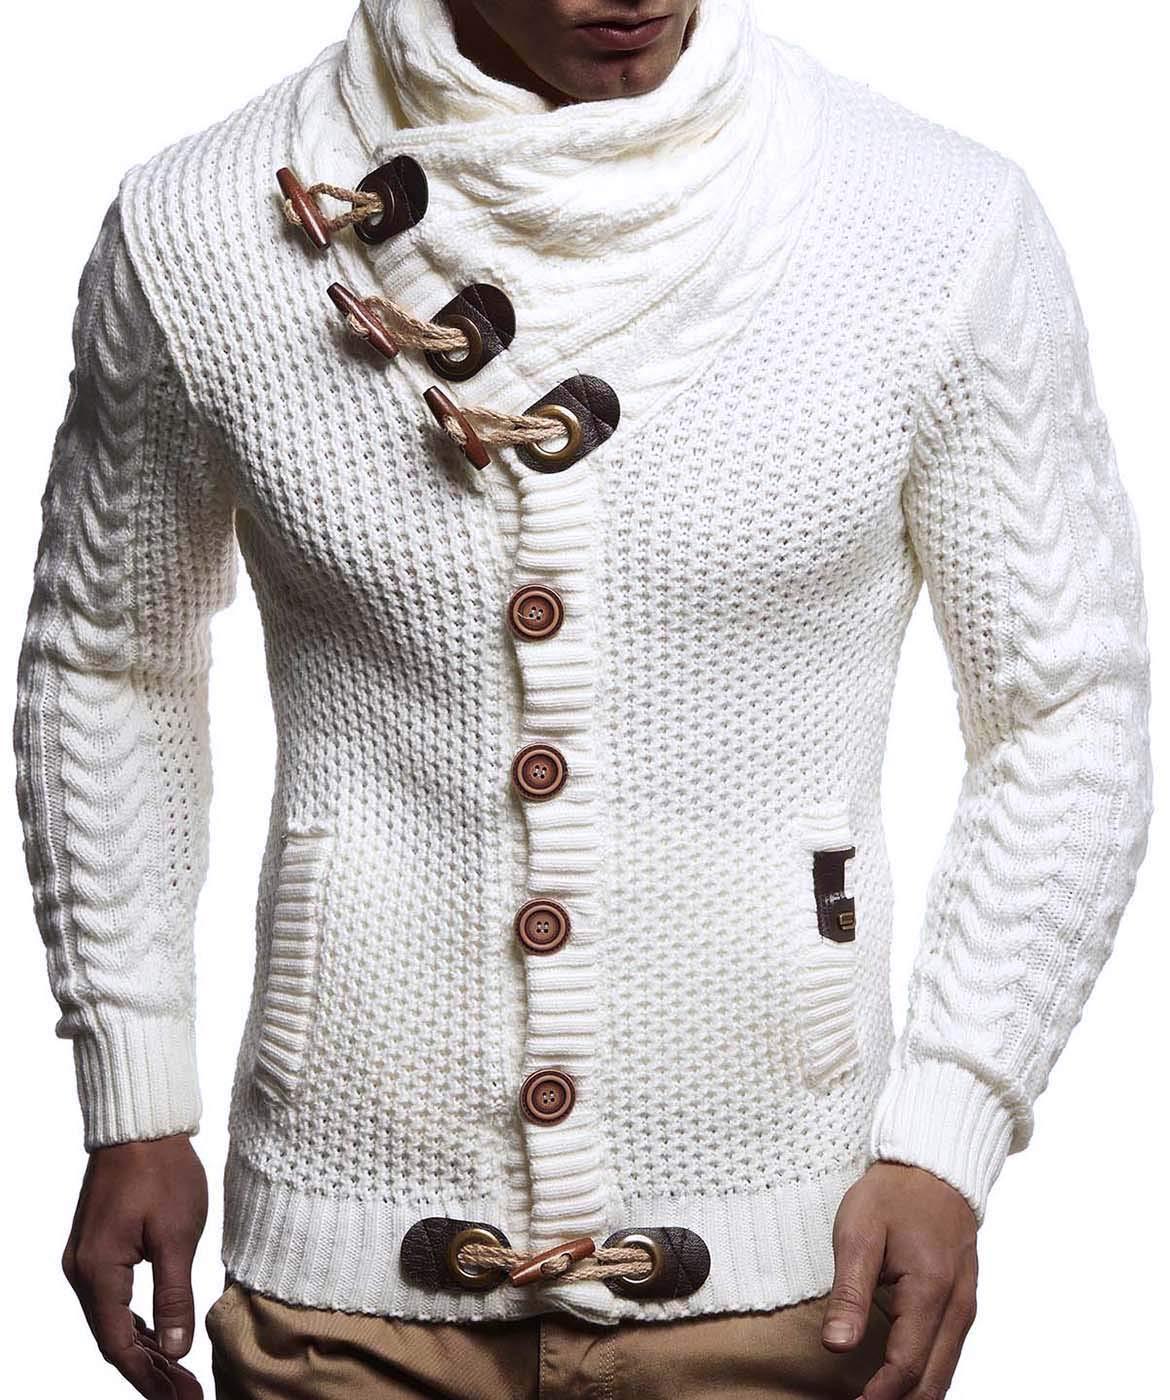 LEIF NELSON Chaqueta de la Chaqueta de Punto de los Hombres Chaqueta de Punto con Capucha Sudor Sudadera suéter suéter